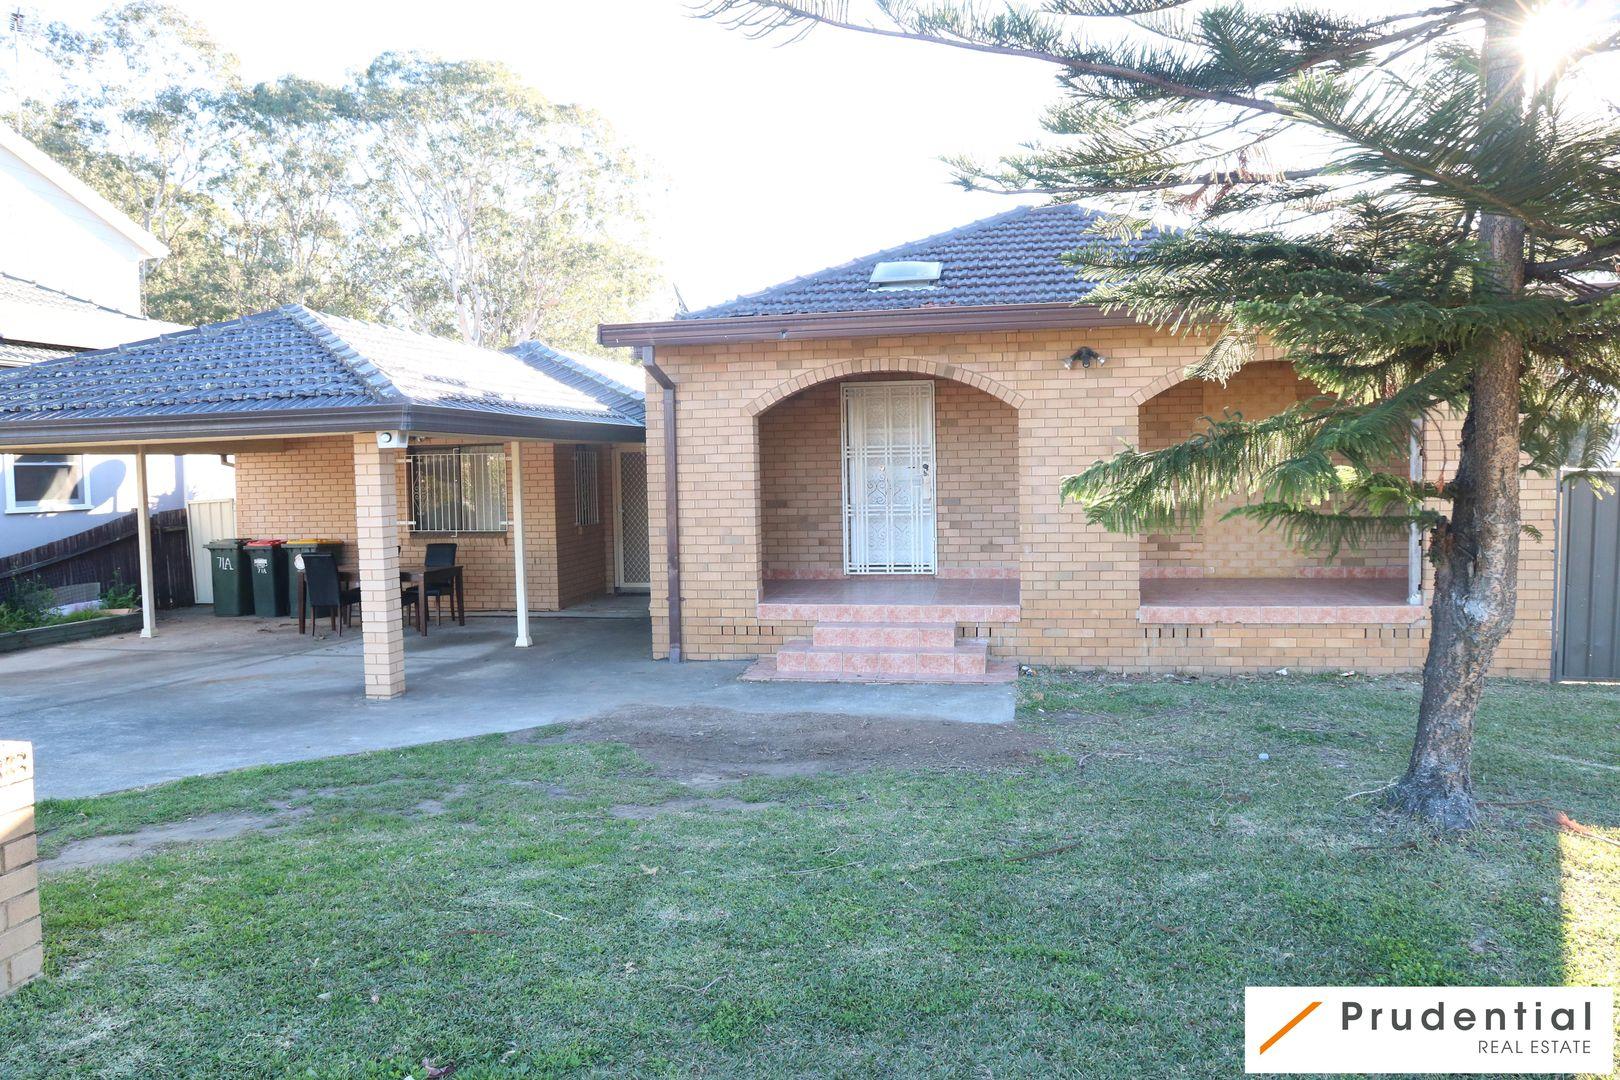 71 Pembroke Rd, Minto NSW 2566, Image 0